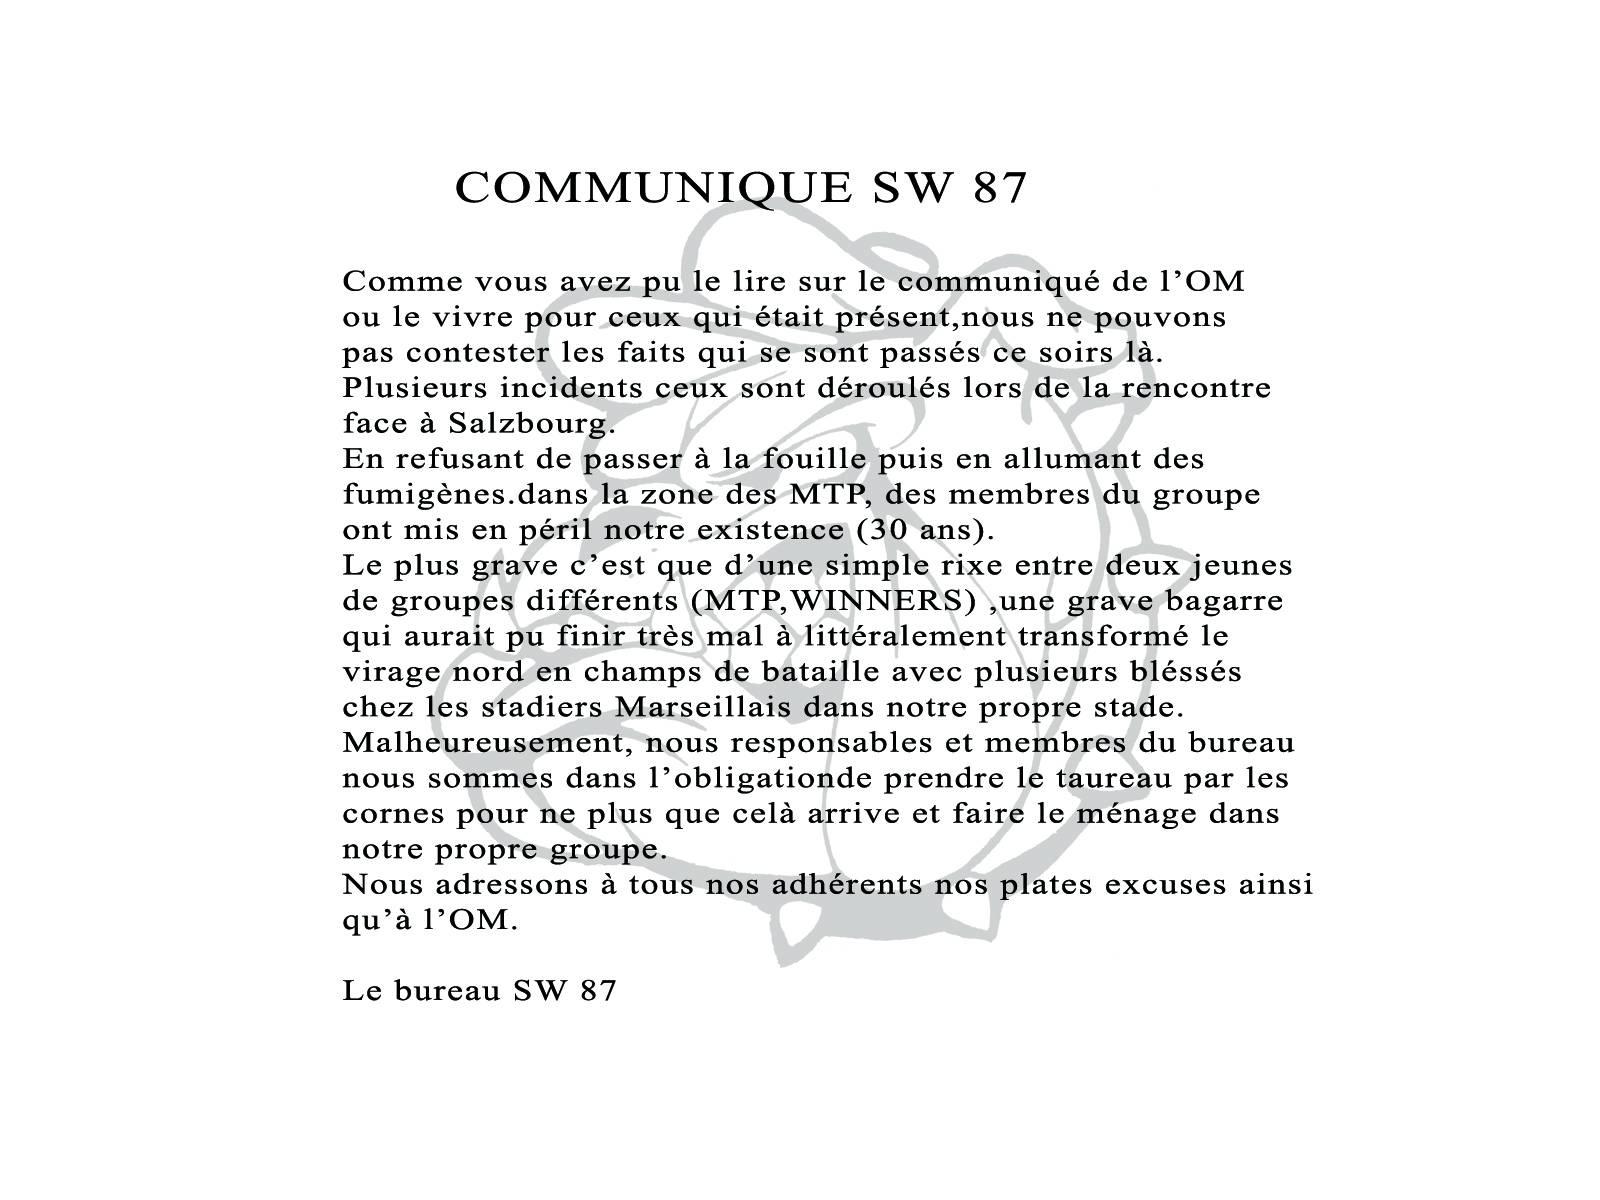 COMMUNIQUE SW87 OM / SALZBOURG